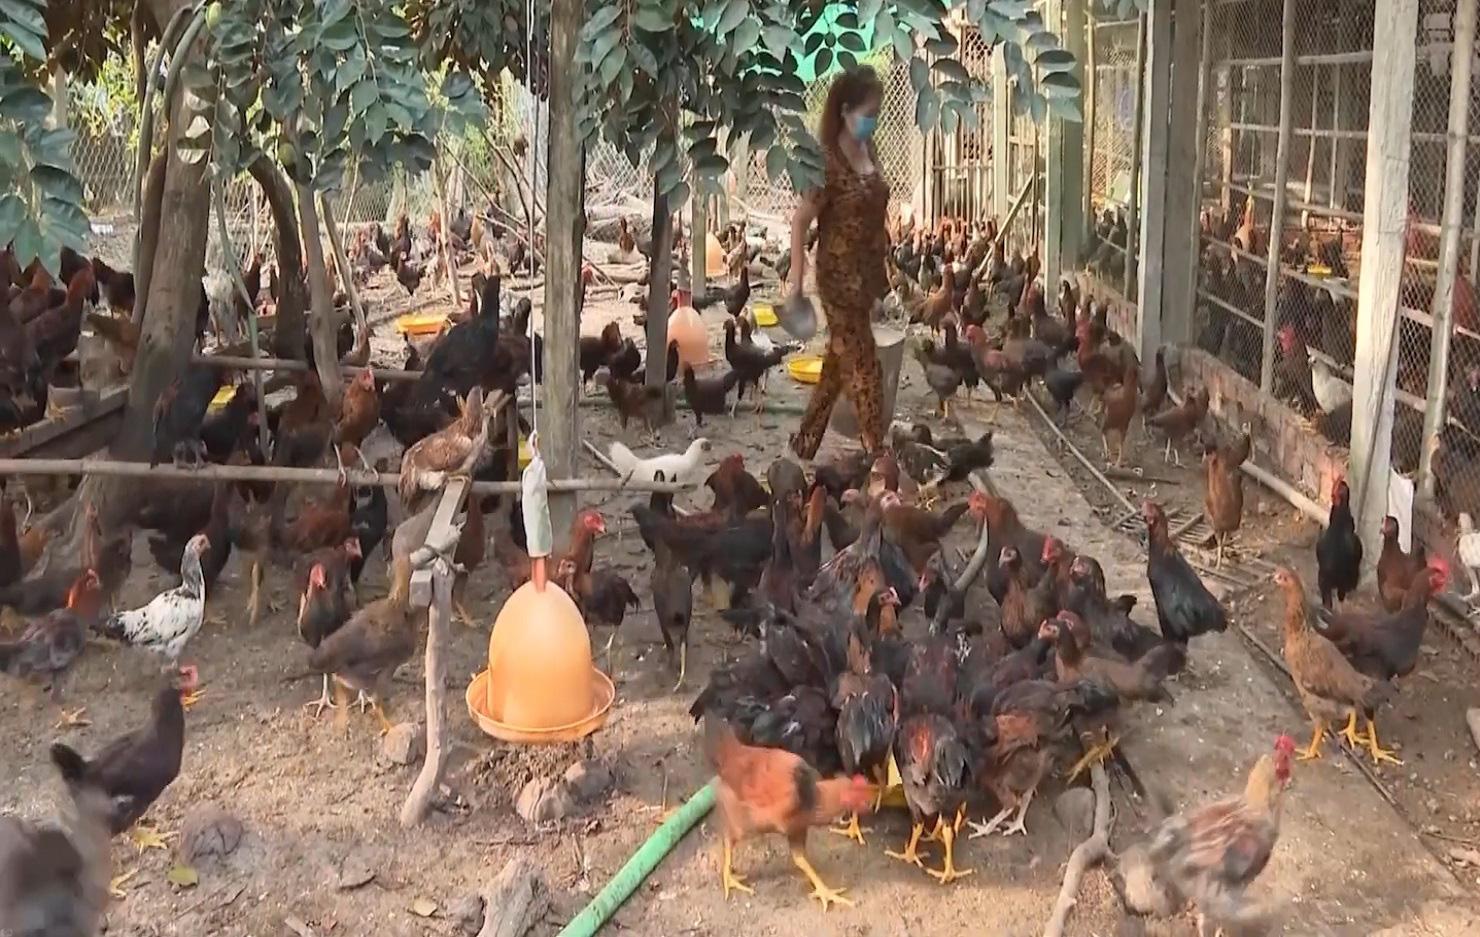 Thành phố Cần Thơ nỗ lực phát triển chăn nuôi gia súc, gia cầm - Ảnh 3.